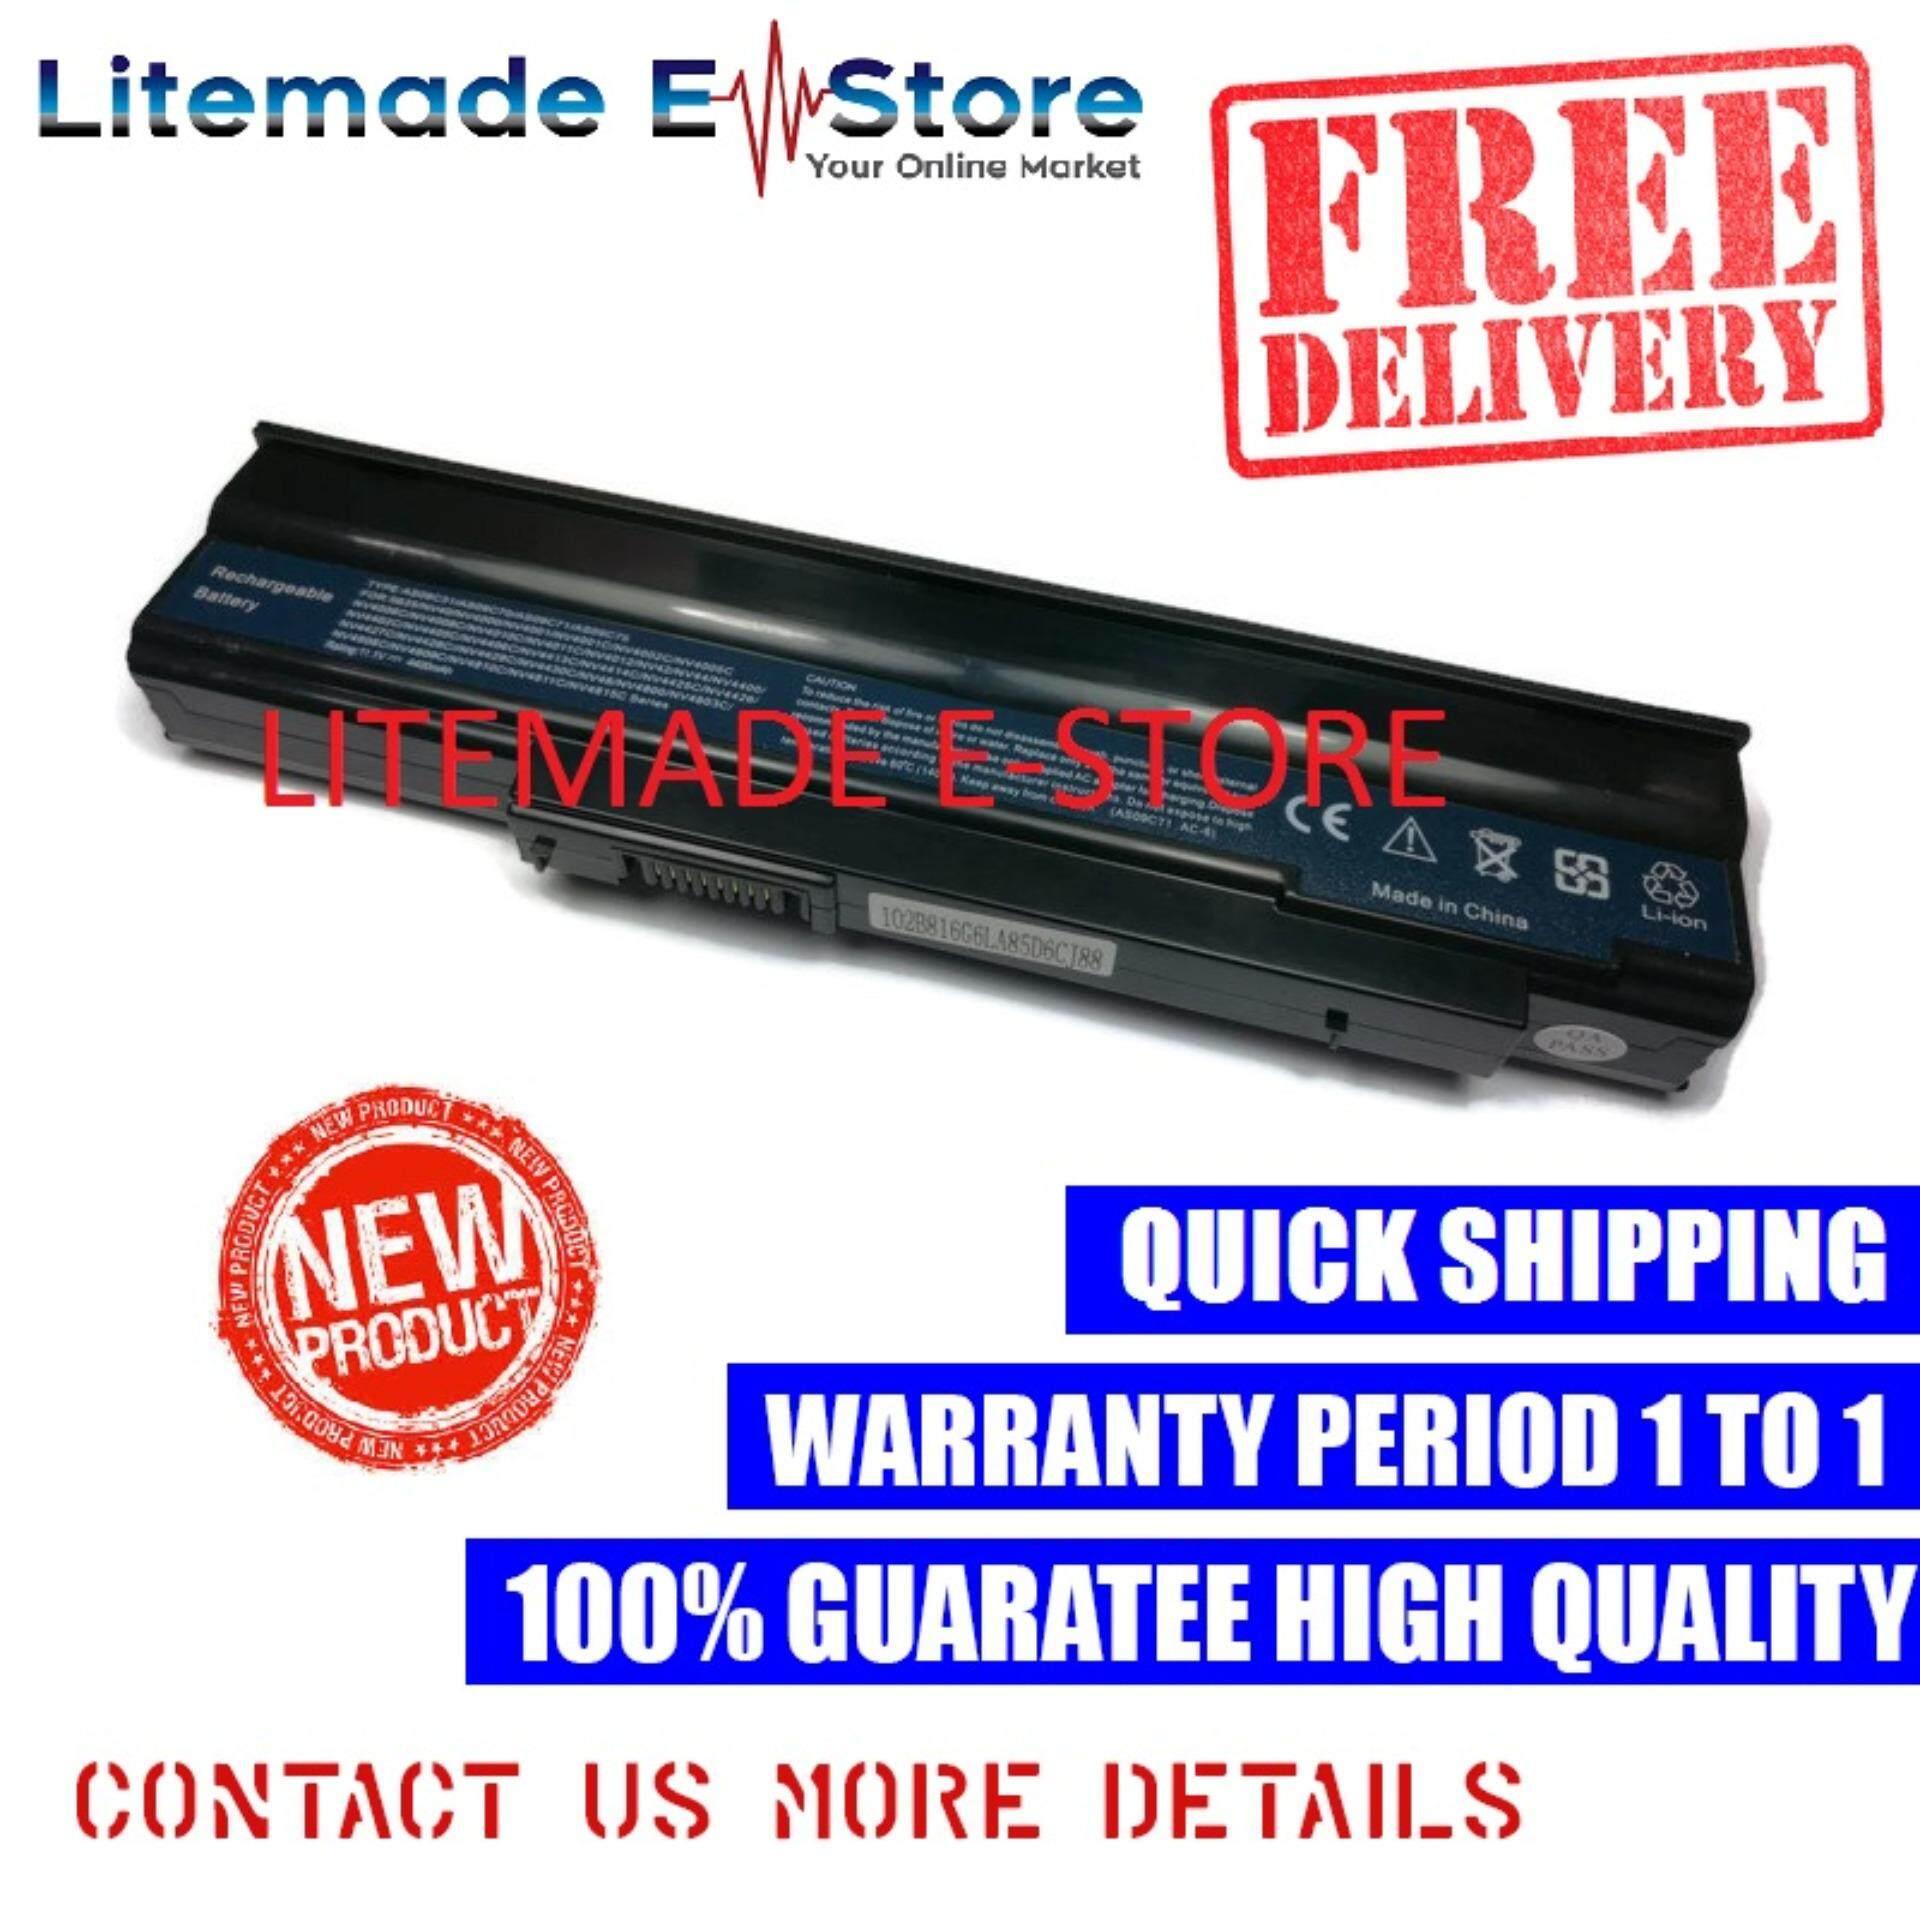 Gateway AS09C75 Laptop Battery